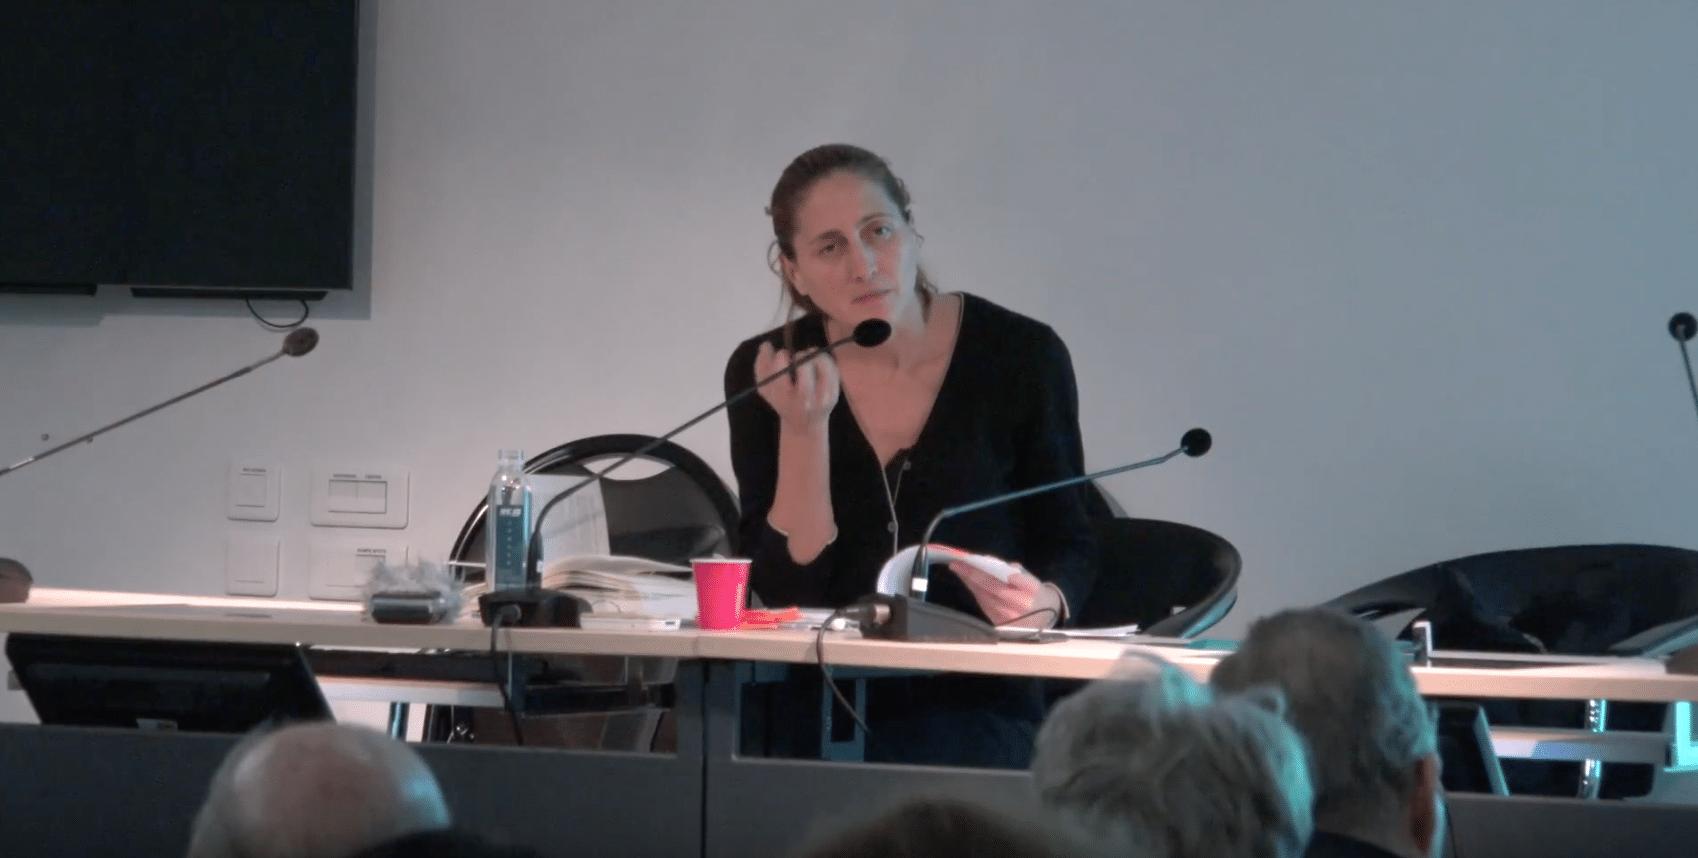 Le cas Althusser ou l'effacement du sujet